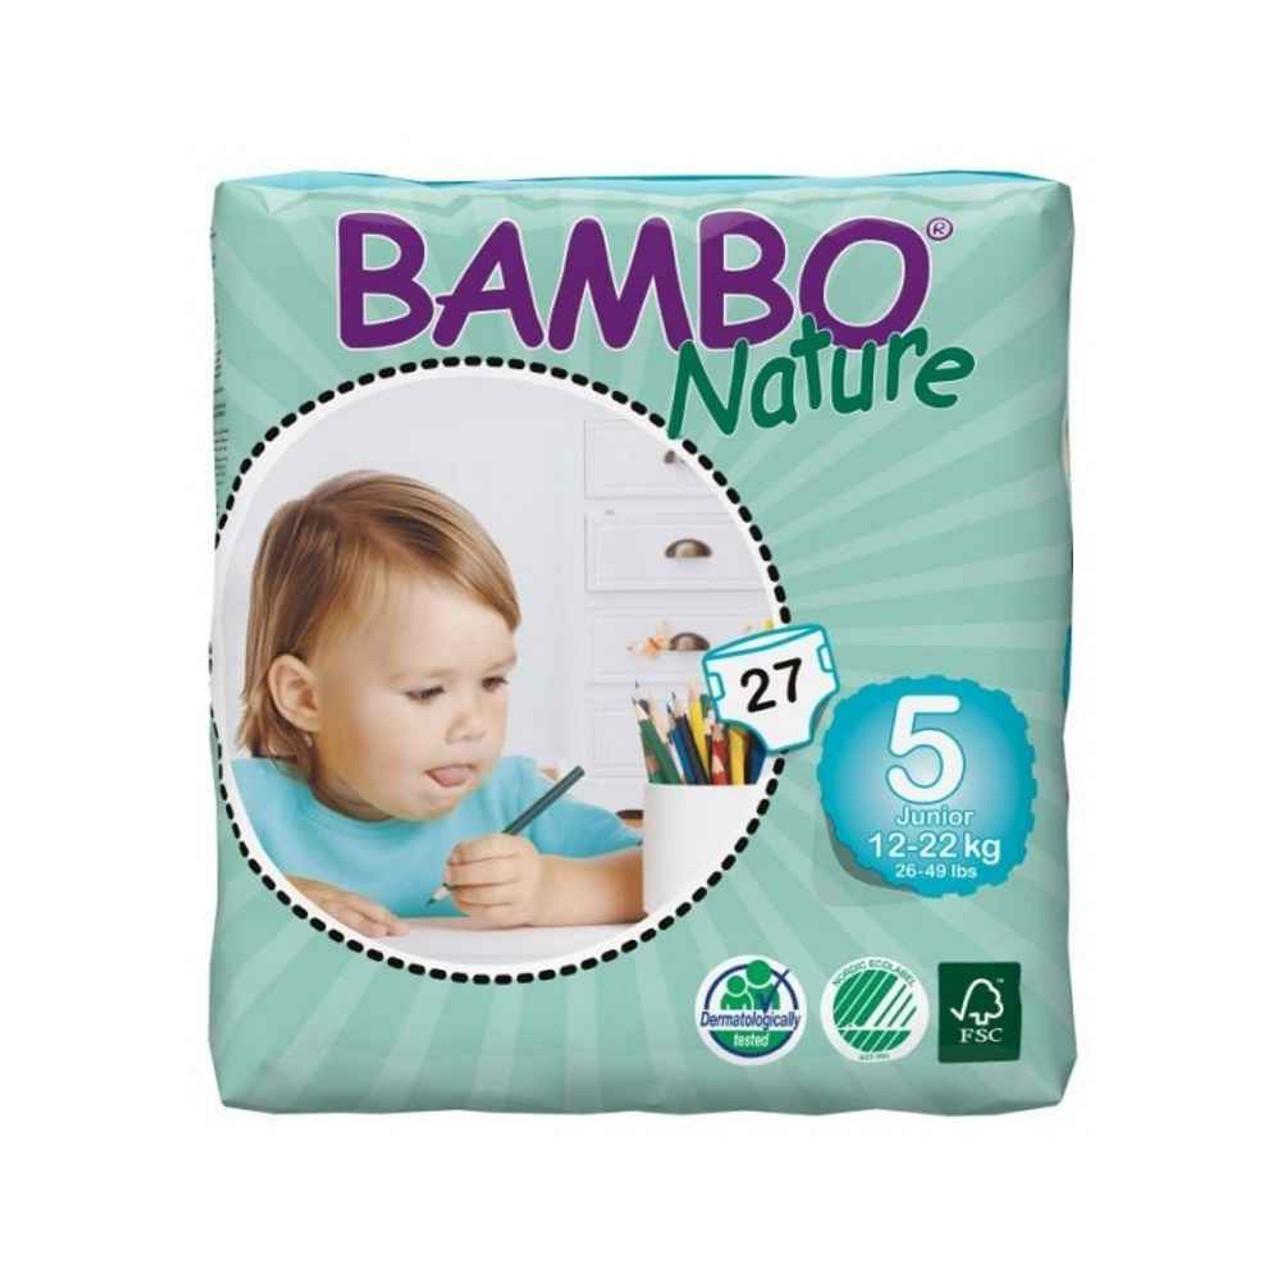 Bambo Bambo Nature Eco 1 - 22kg